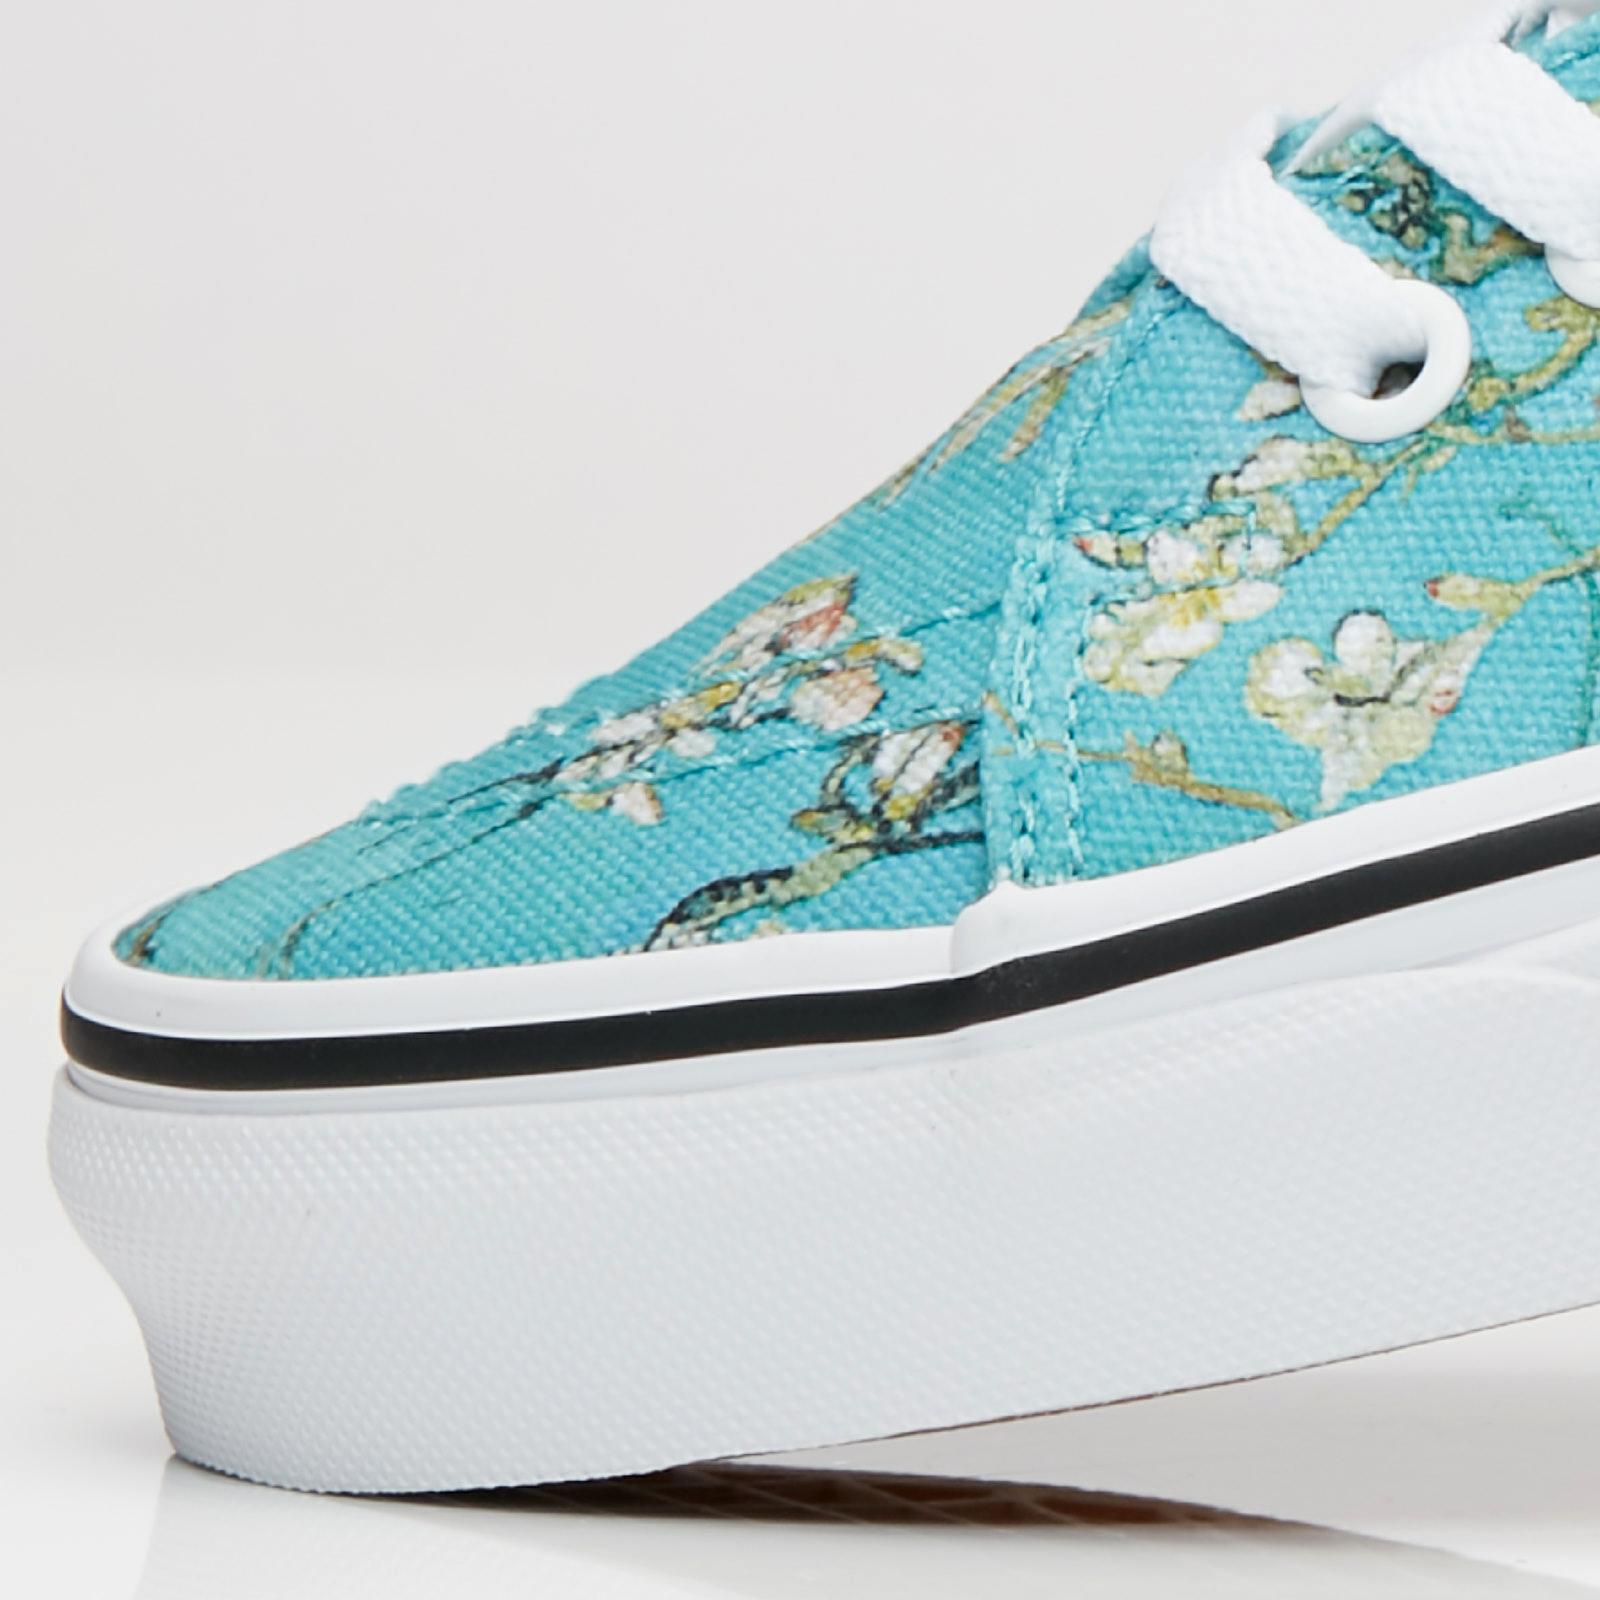 b68d46fffe Vans Vincent Van Gogh SK8-Hi - Va38geubl - Sneakersnstuff